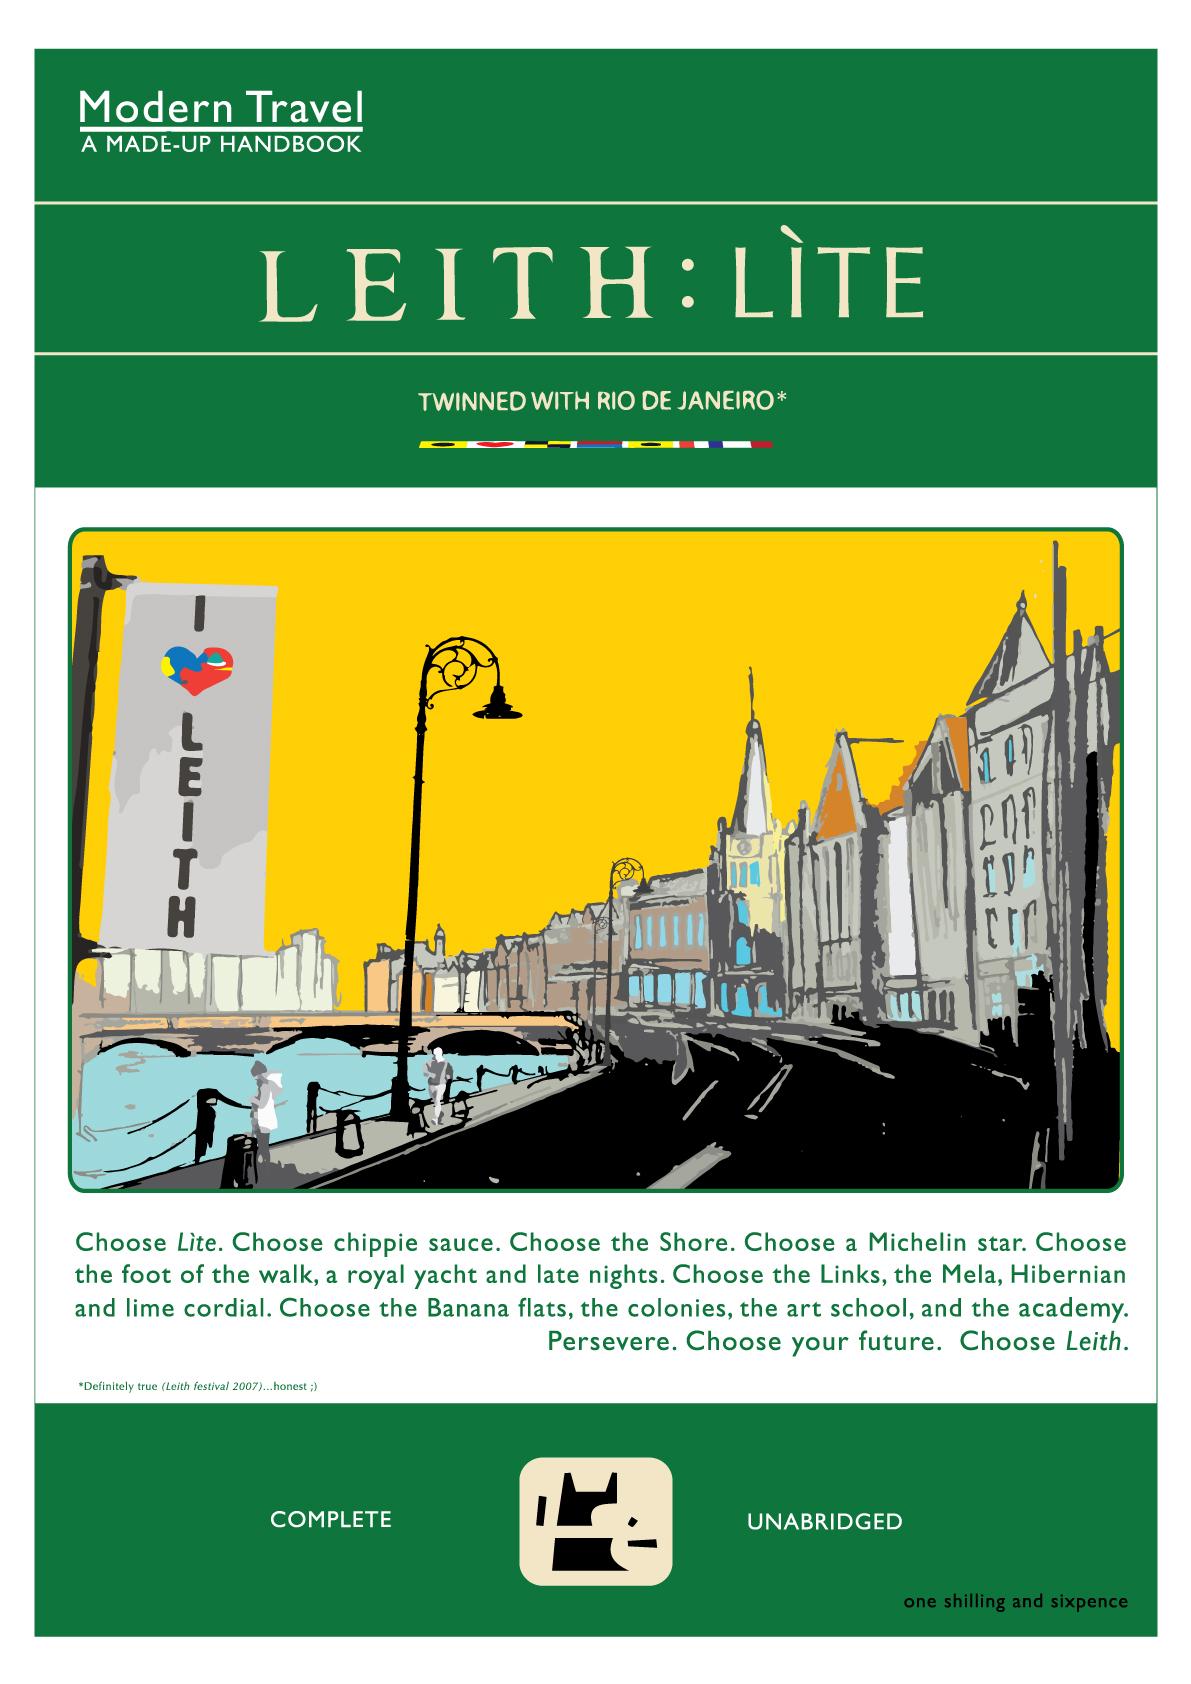 Leith:Lite